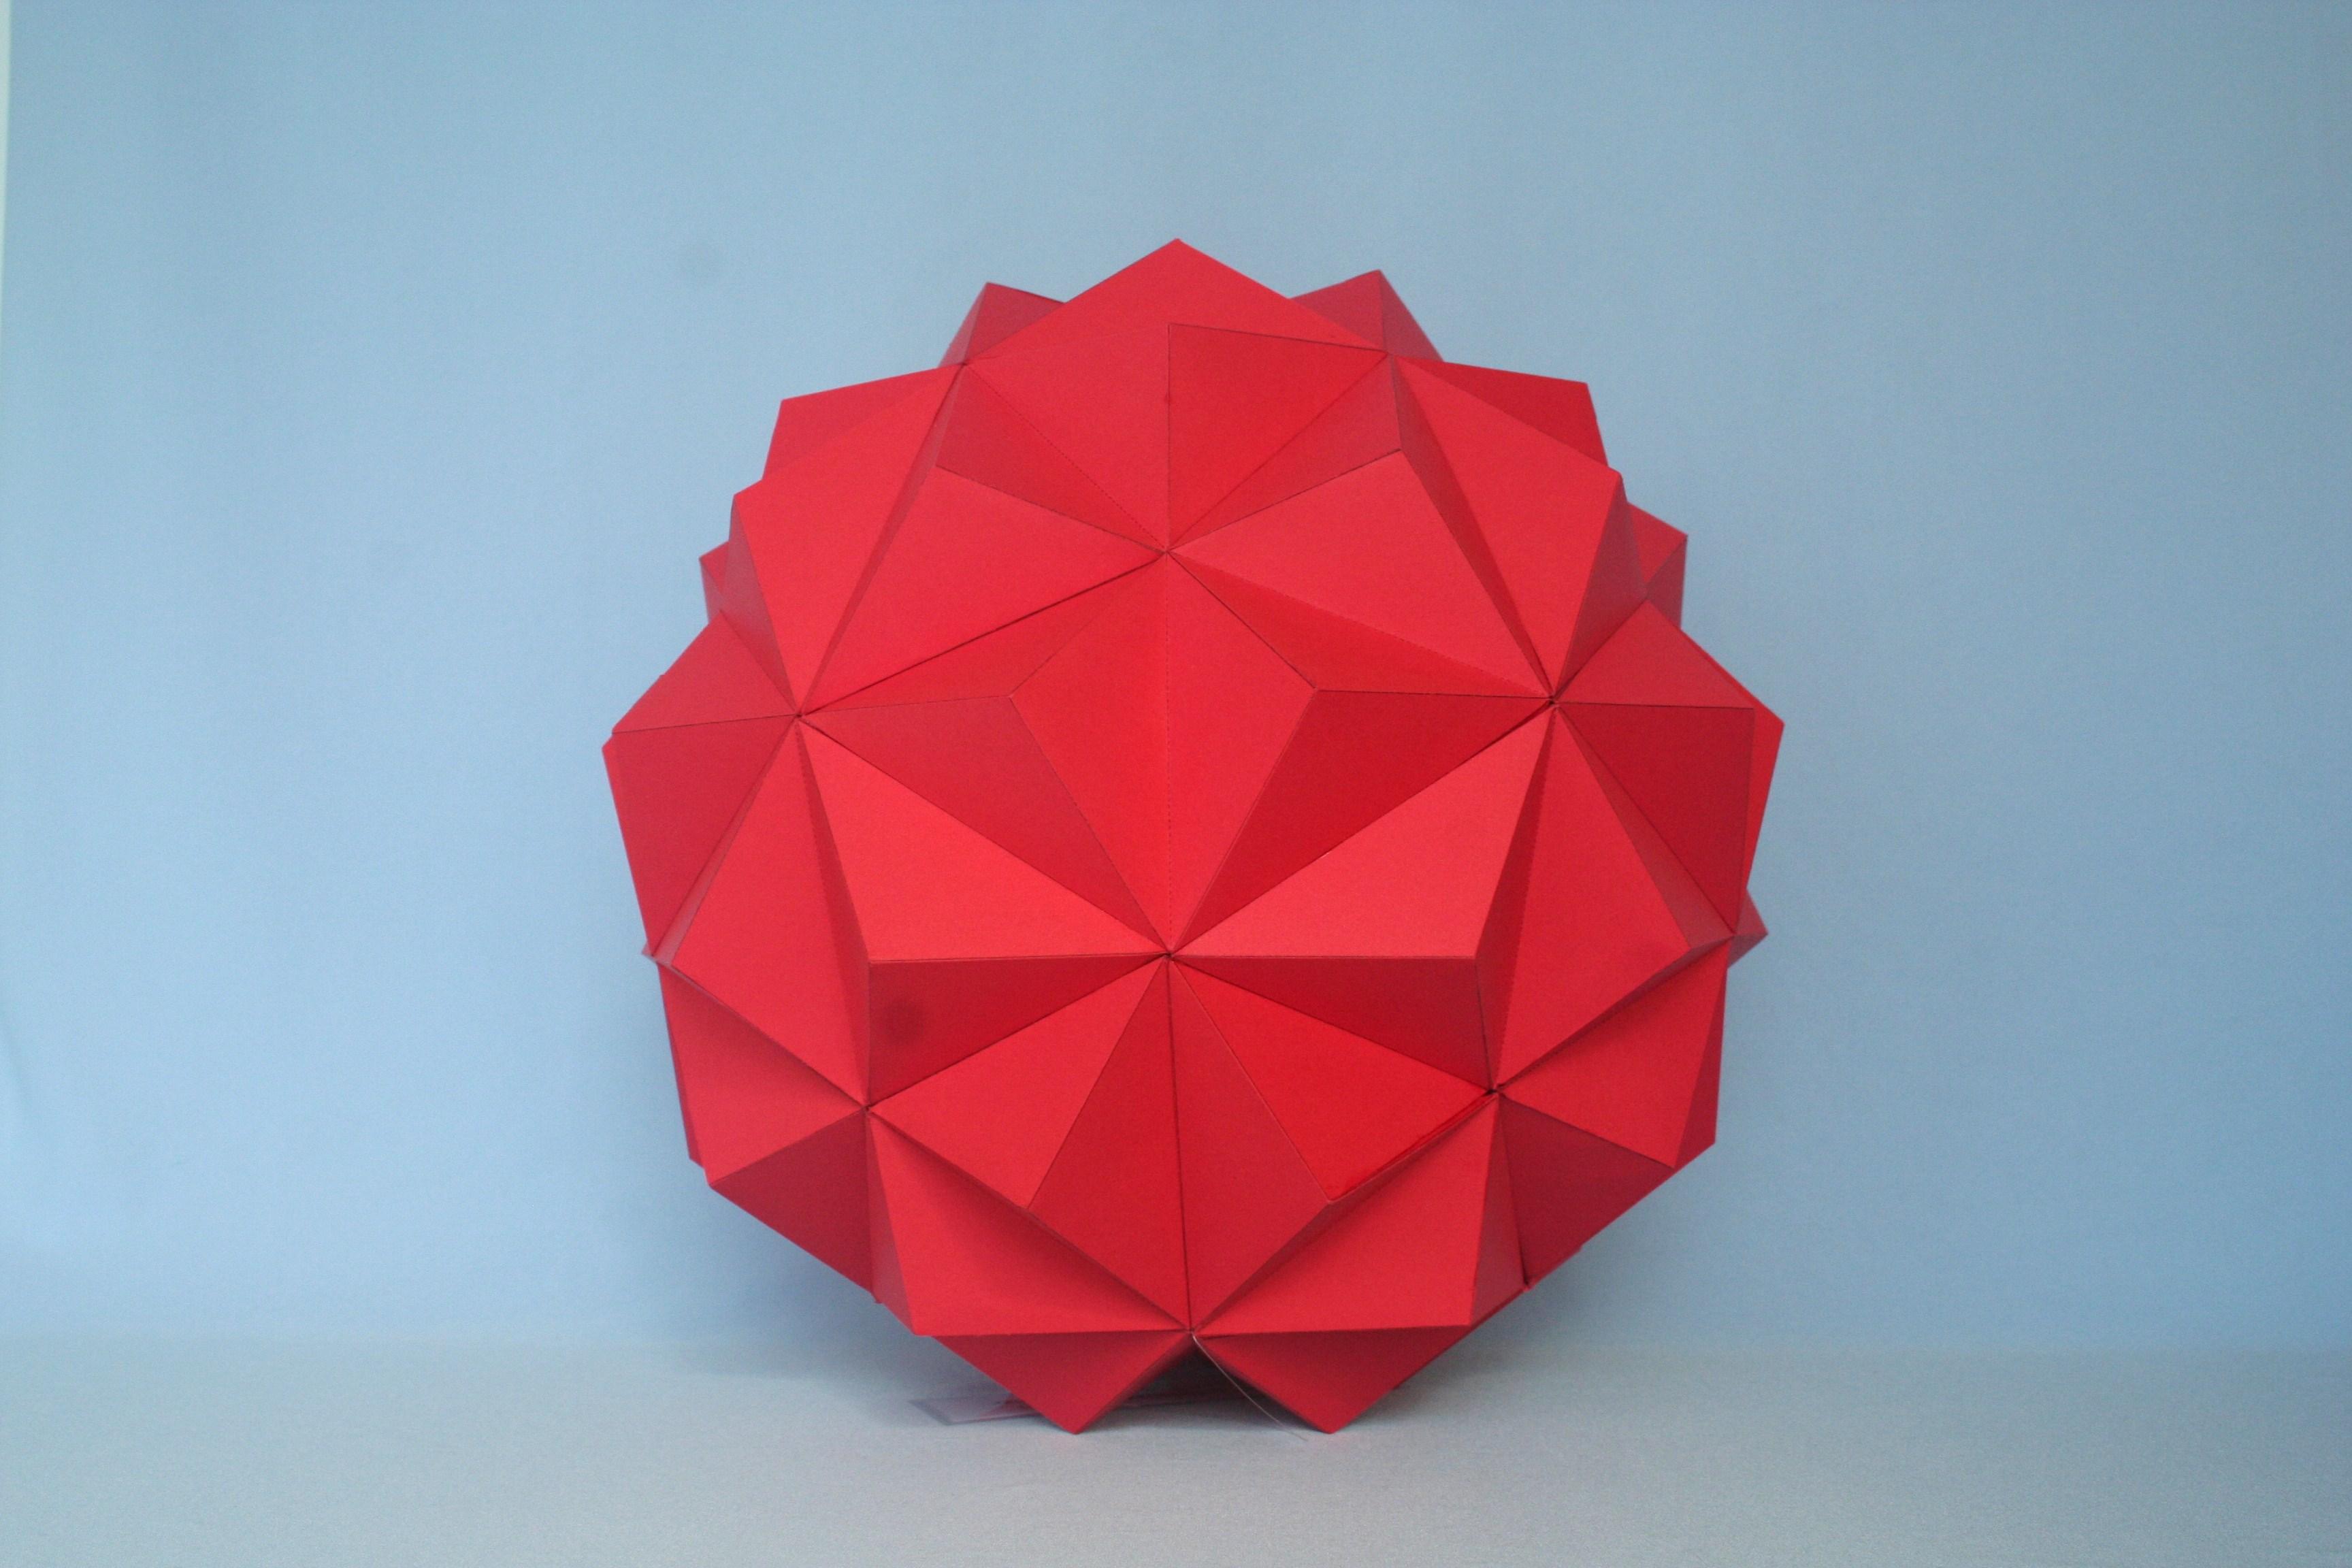 Geodätischen Kuppel file modell einer geodätischen kuppel buckminster fuller